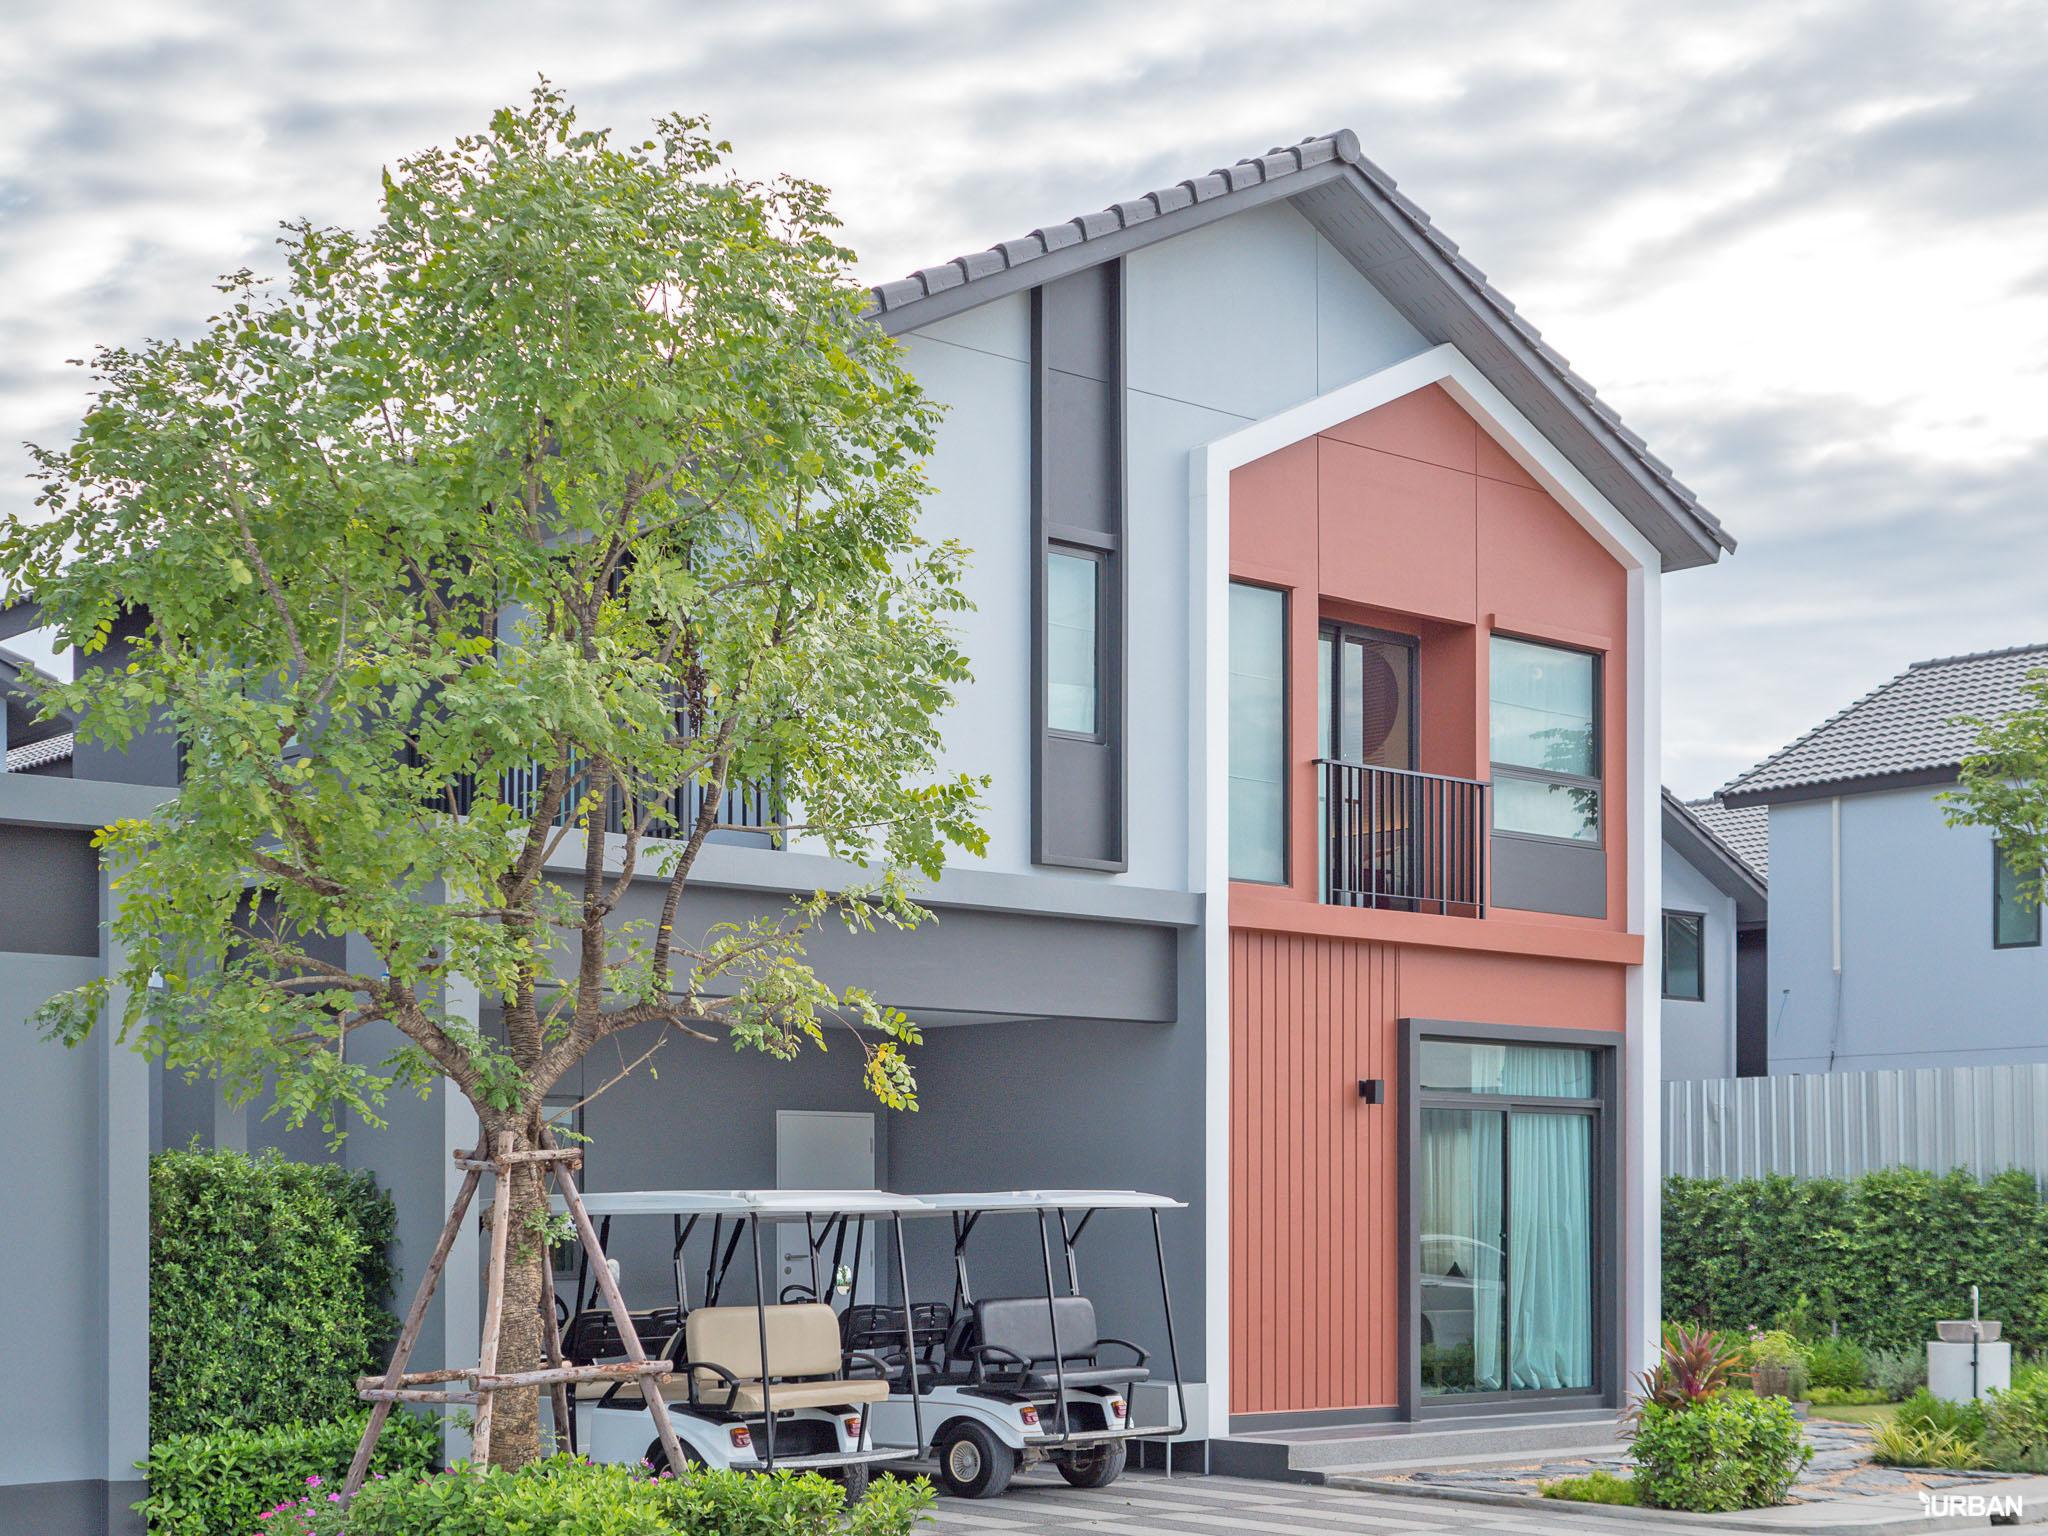 รีวิว อณาสิริ ชัยพฤกษ์-วงแหวน เมื่อแสนสิริออกแบบบ้านใหม่ Feel Just Right ใช้งานได้ลงตัว 13 - Anasiri